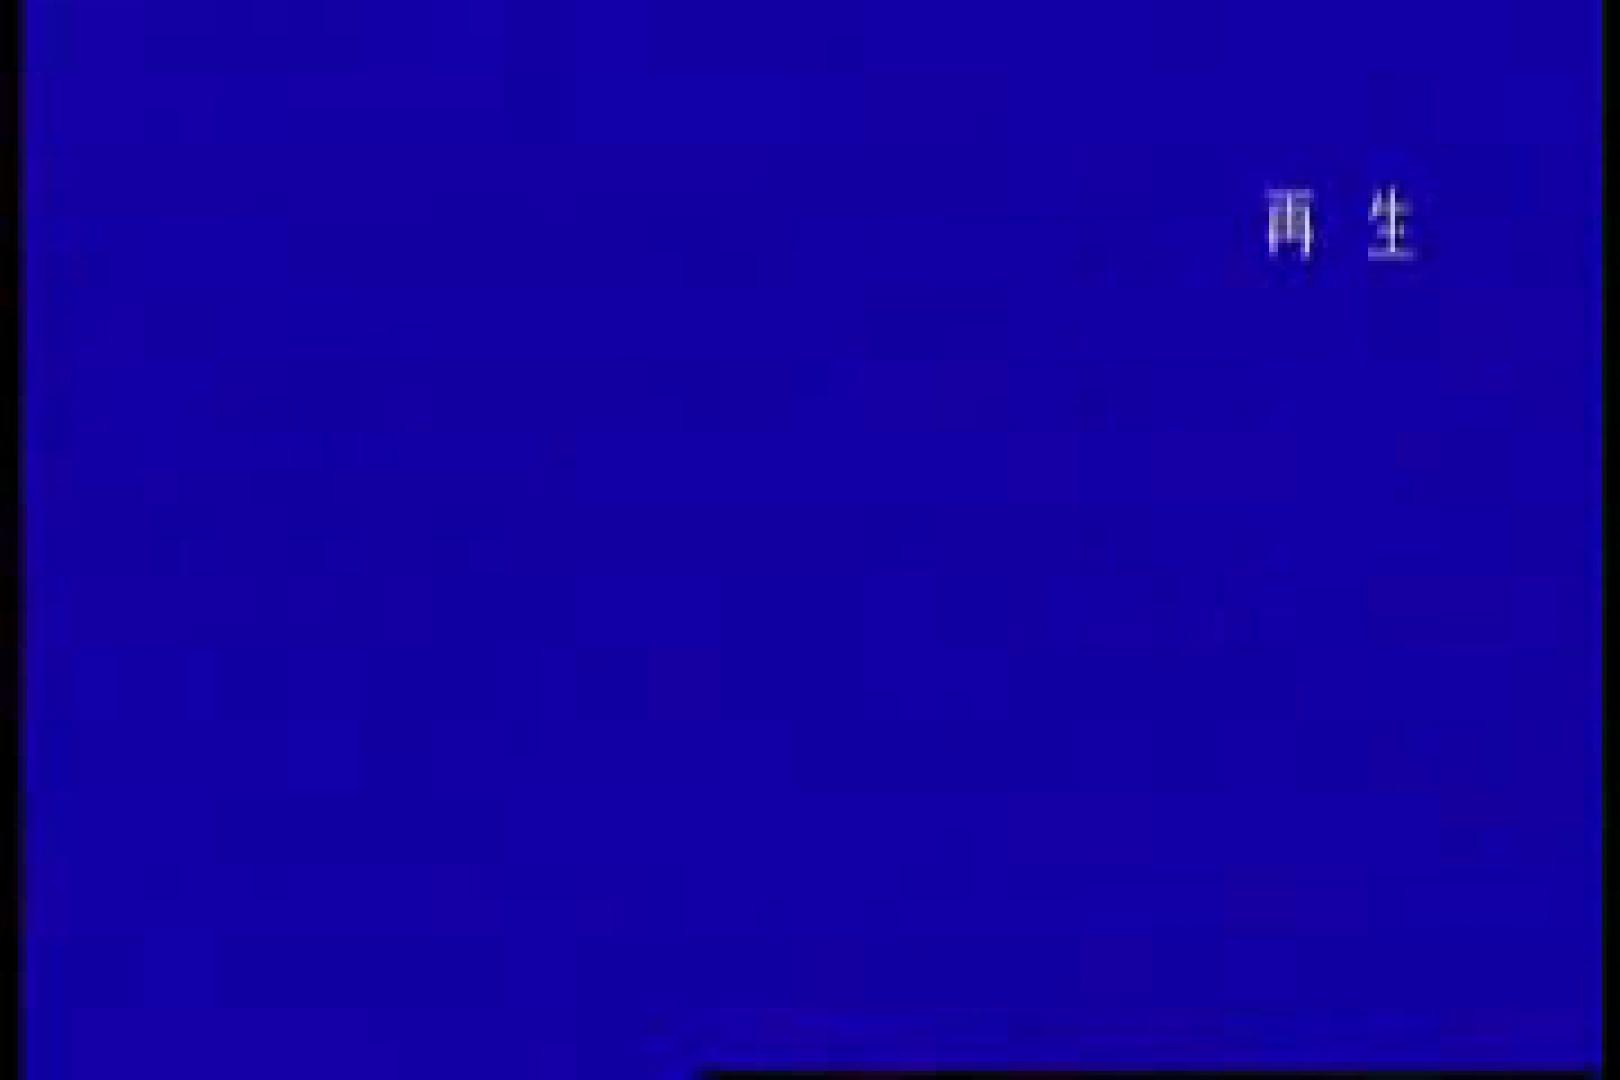 【実録個人撮影】男の子達の禁断の愛欲性活!!vol.03 男祭り ゲイエロビデオ画像 107枚 41